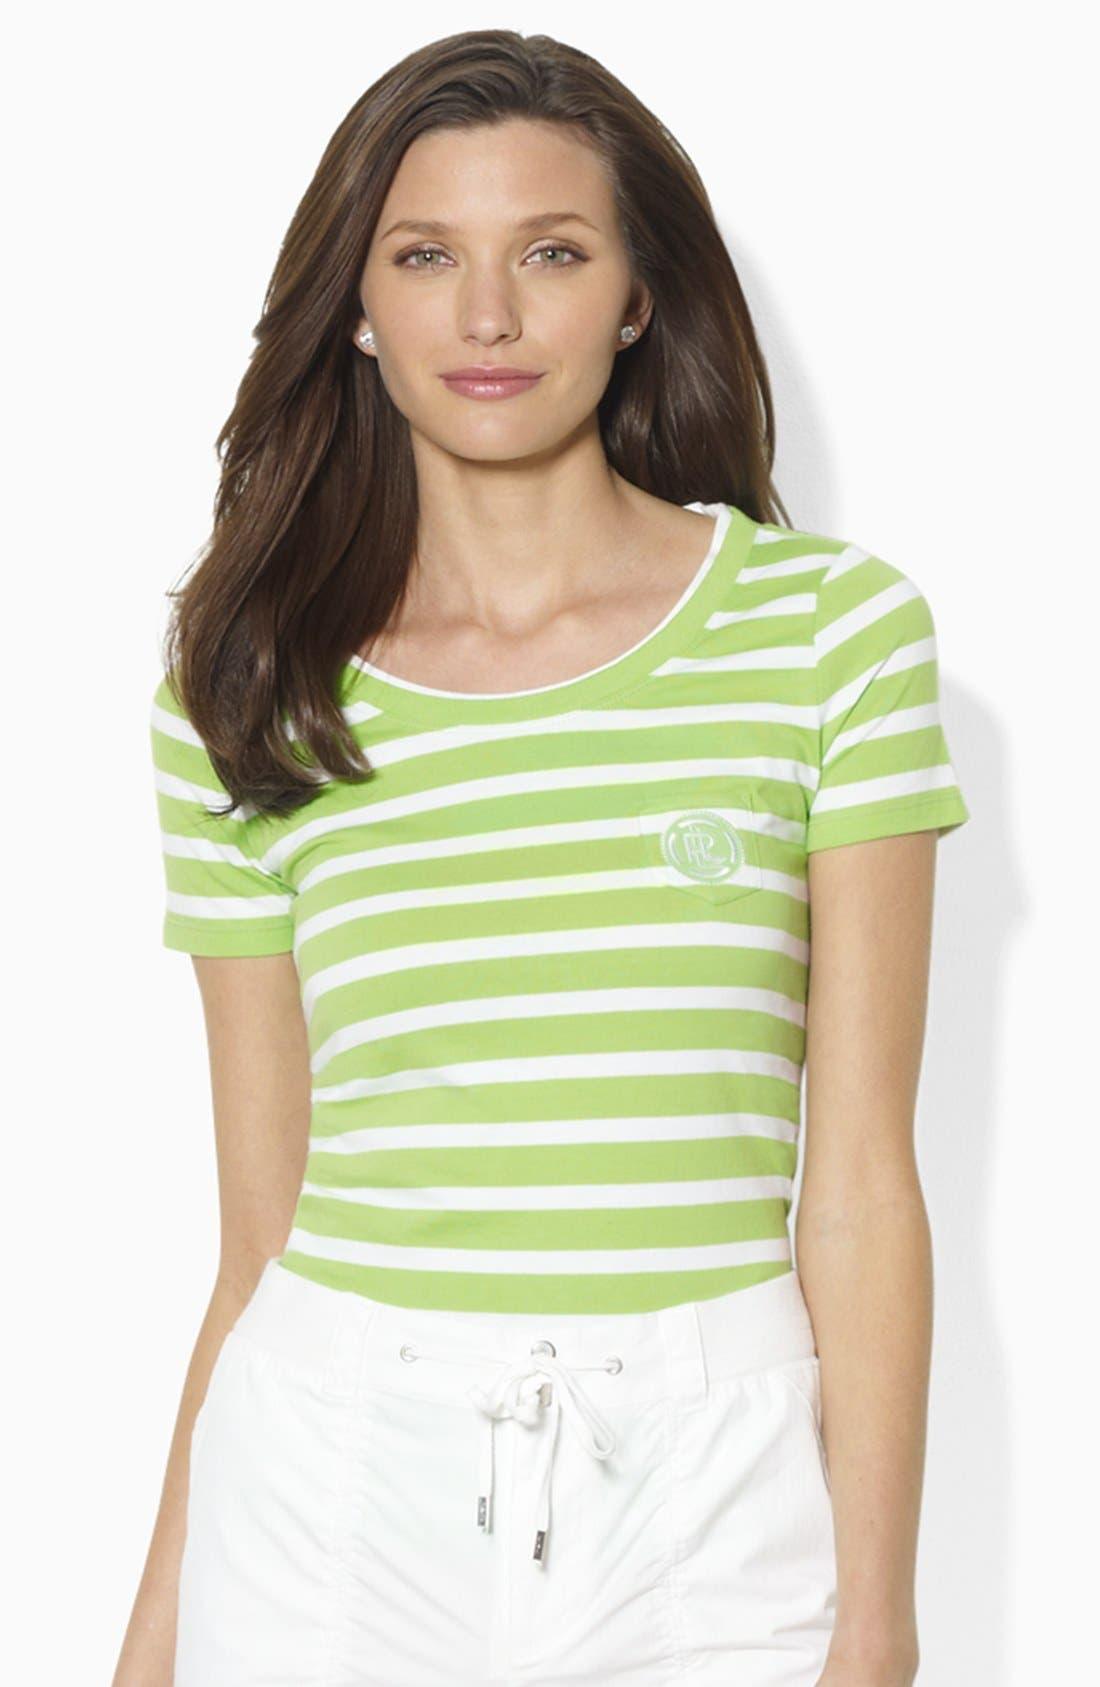 Alternate Image 1 Selected - Lauren Ralph Lauren Logo Pocket Stripe Tee (Petite) (Online Only)